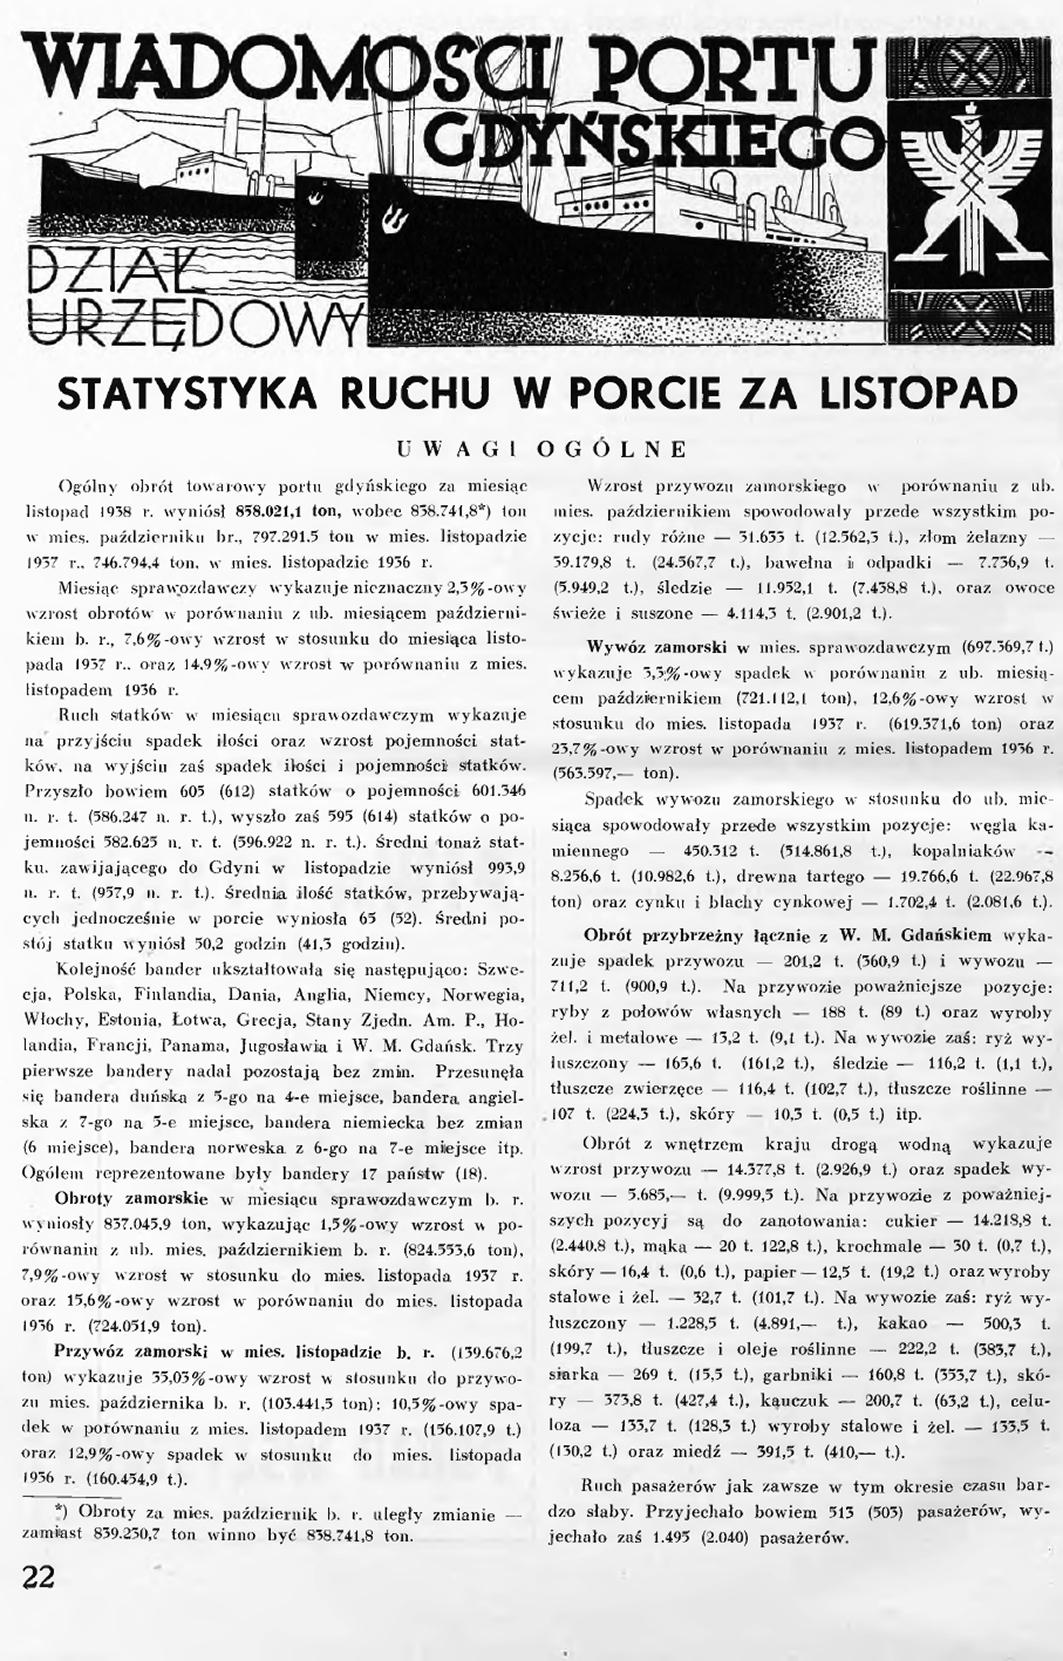 Statystyka ruchu w porcie za listopad [1938 r.]